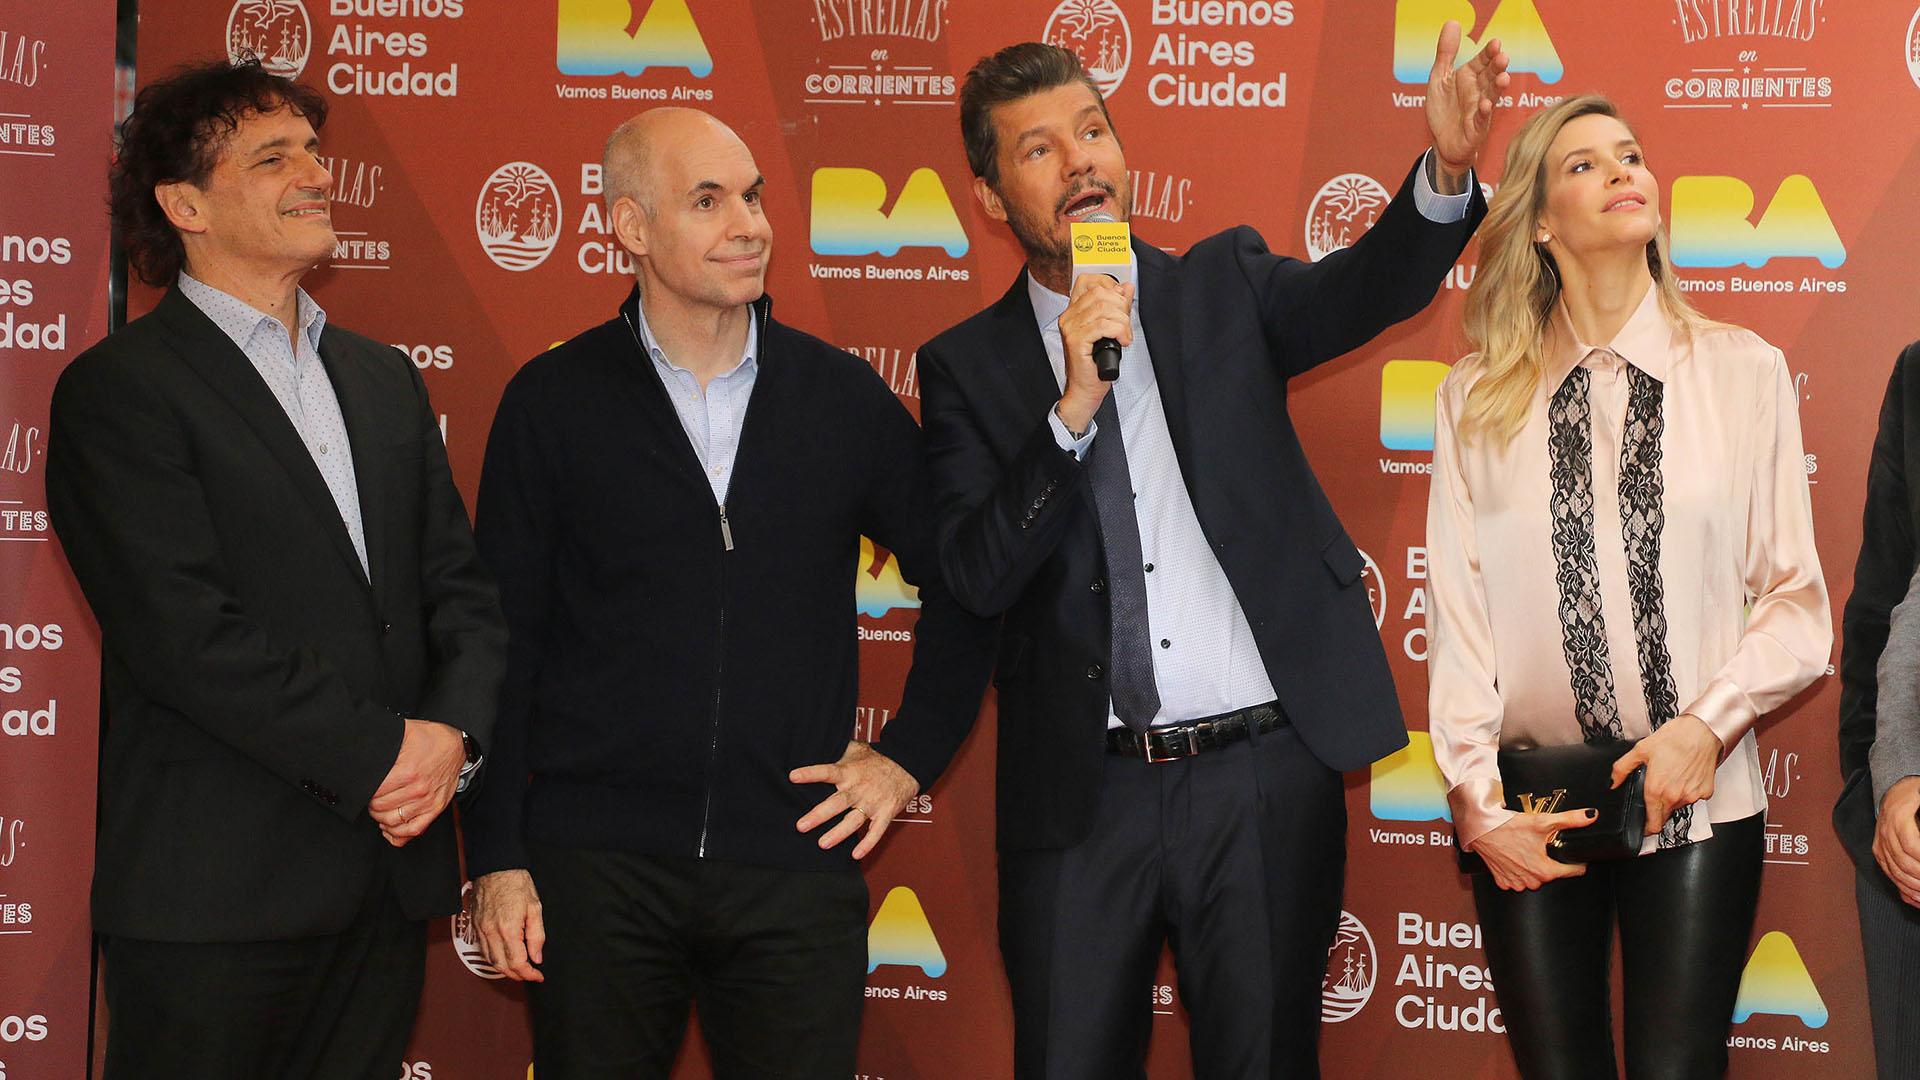 """""""Orgulloso de tener mi Estrella en la calle Corrientes. Gracias @horaciorlarreta @angel_mahler @edumacchiavelli"""", posteó Marcelo en su cuenta de Twitter"""